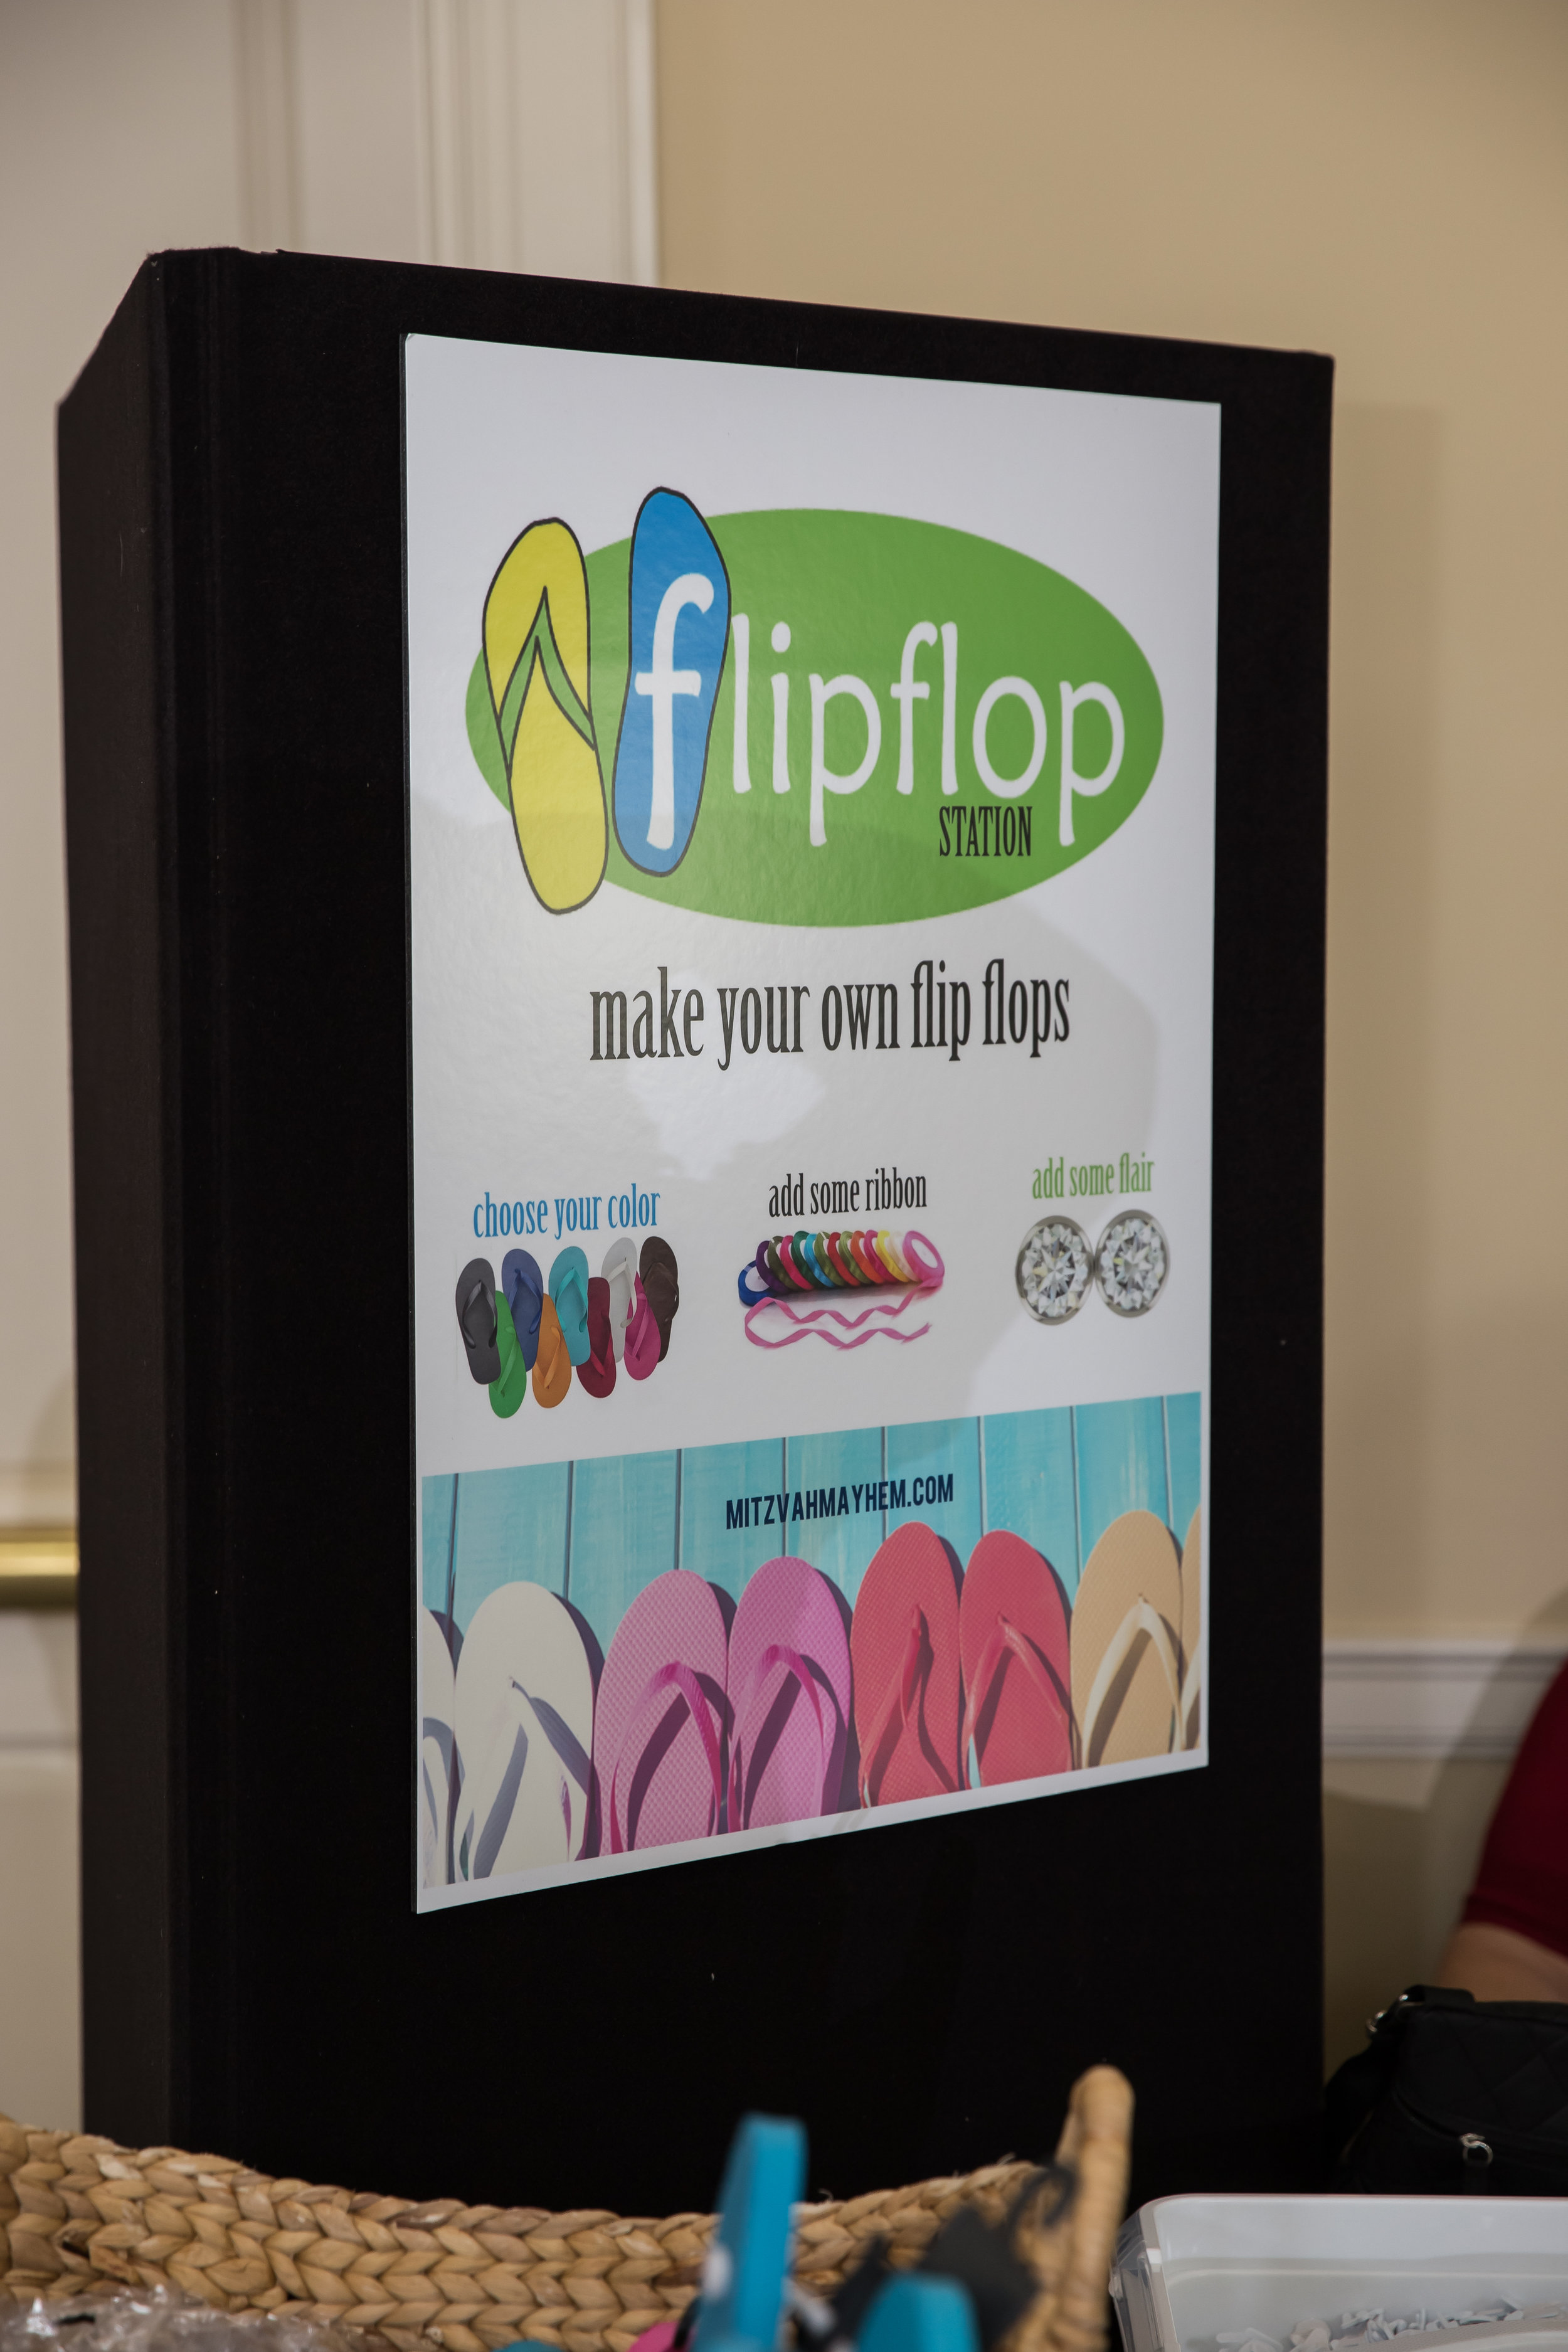 make-your-own-flip-flop-mitzvah-7584